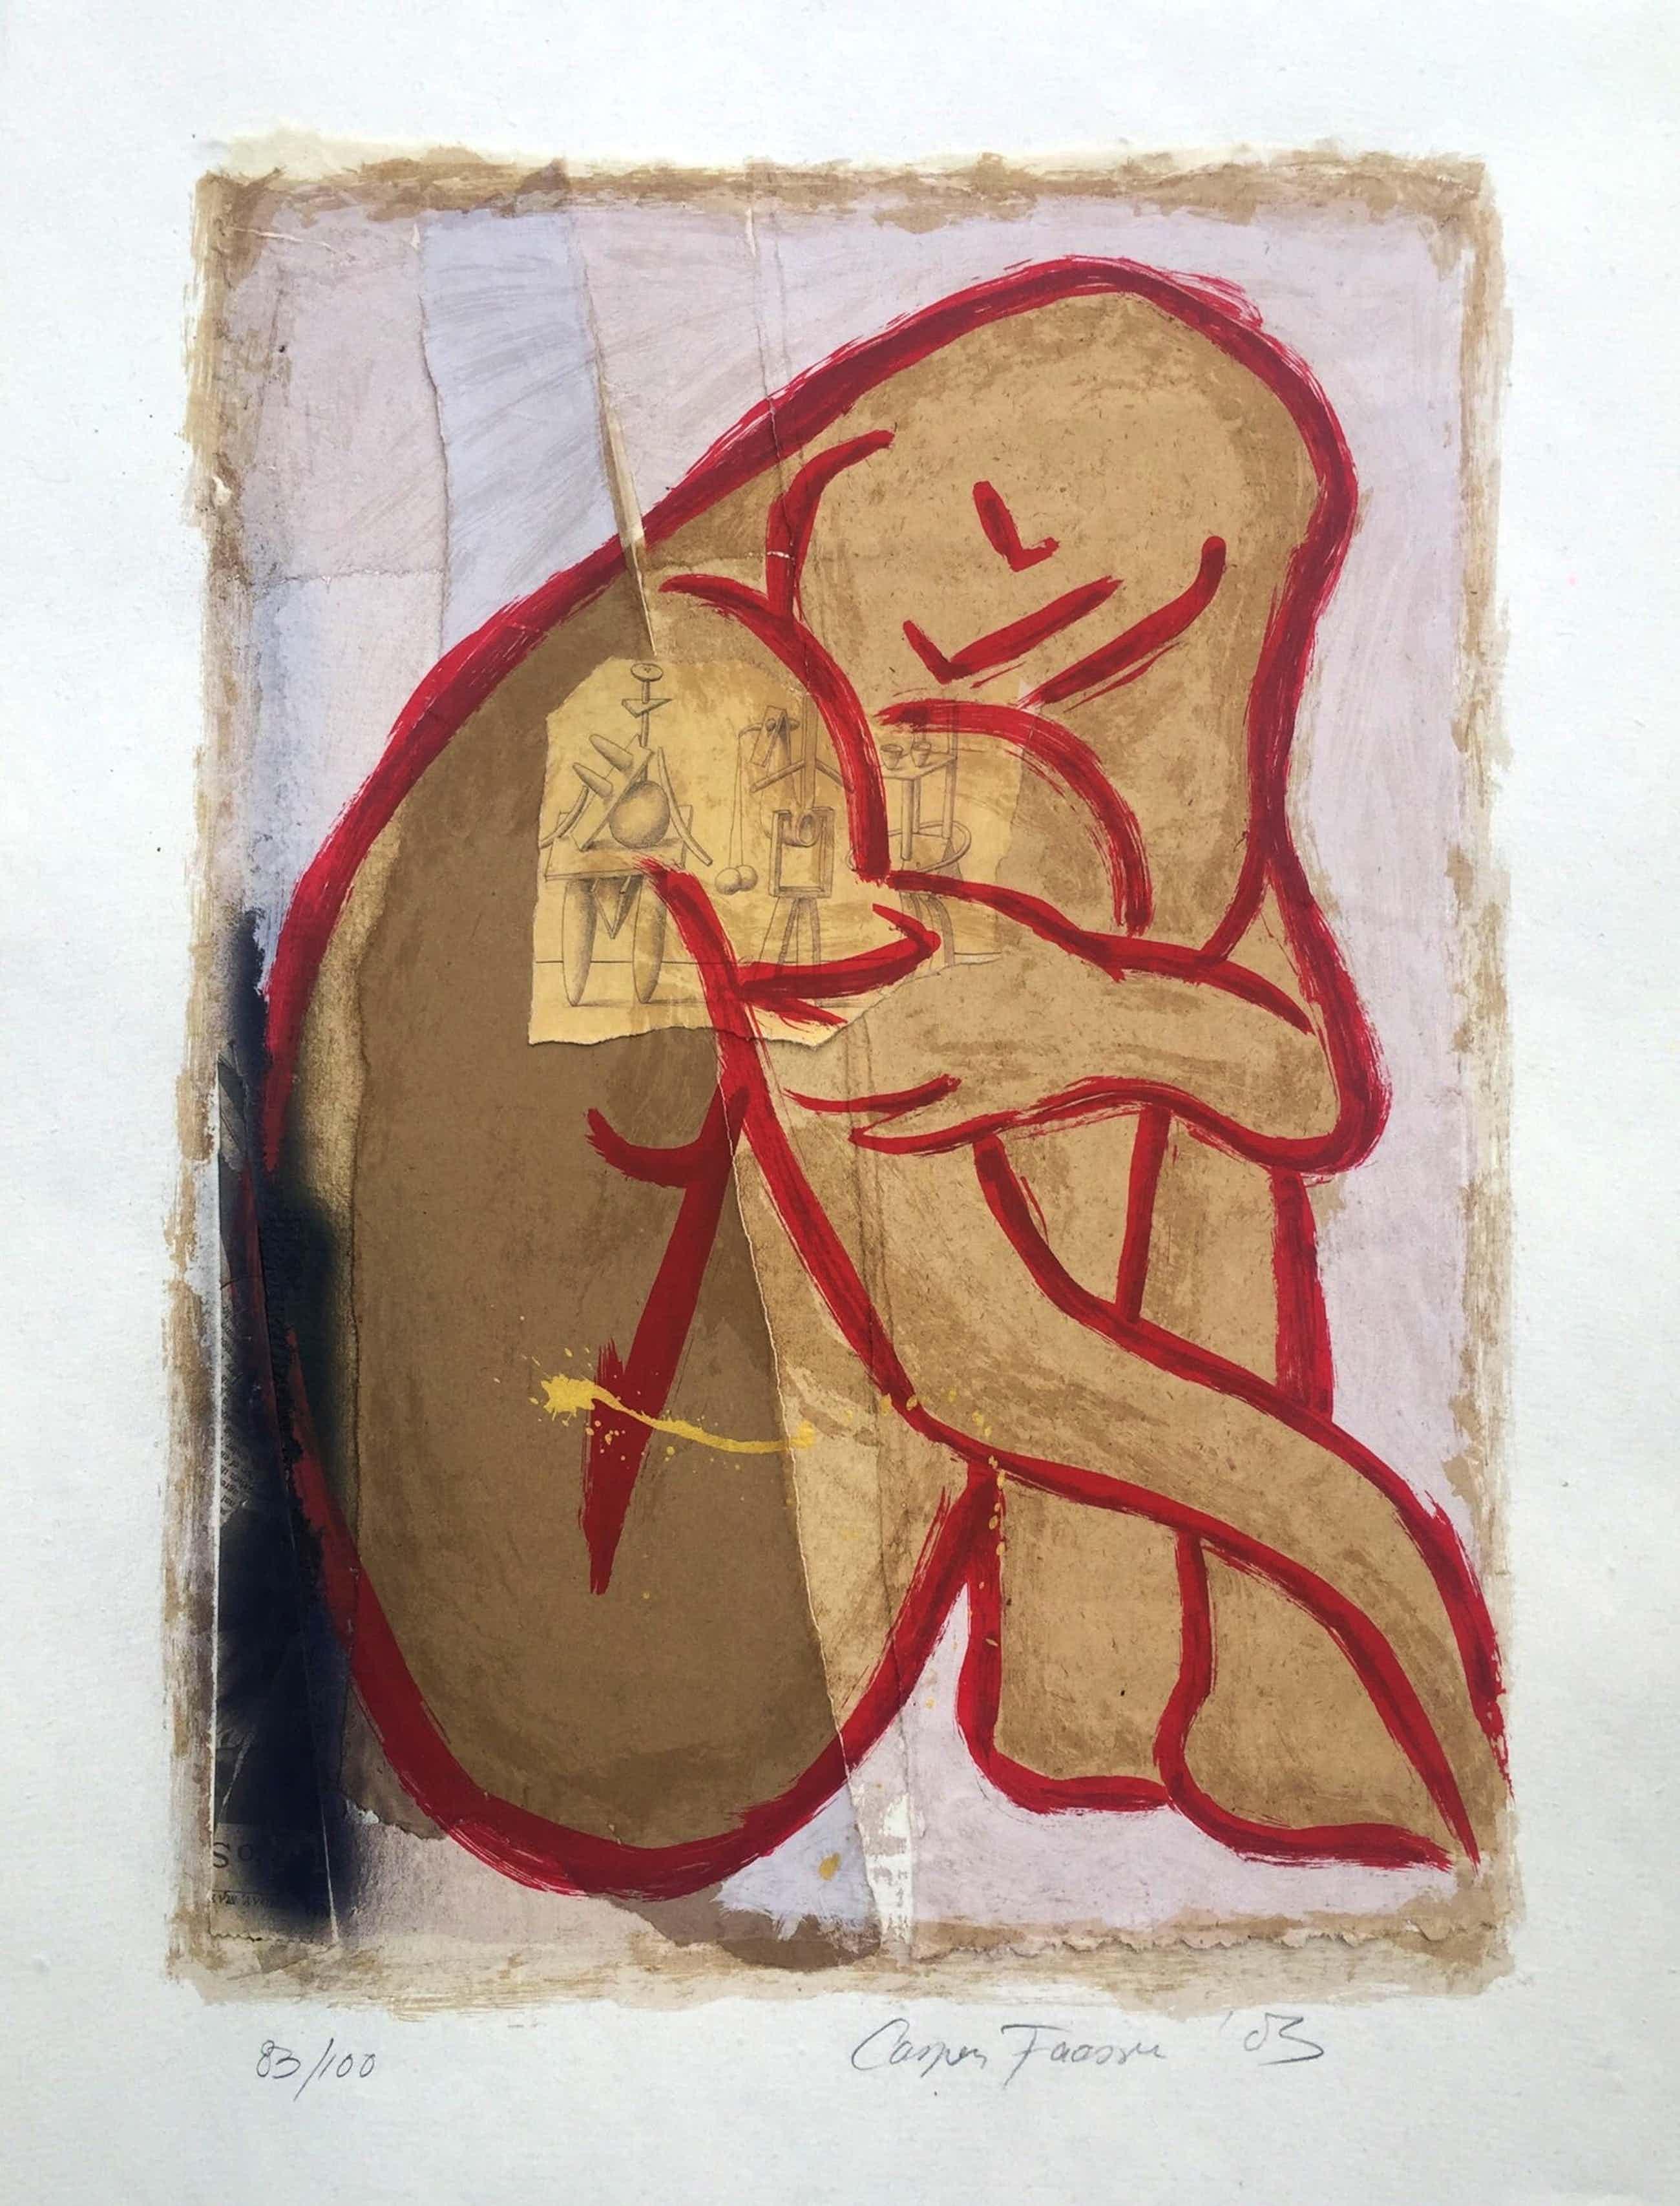 Casper Faassen - Verstild naakt II - zeefdruk/collage - 2003 kopen? Bied vanaf 220!